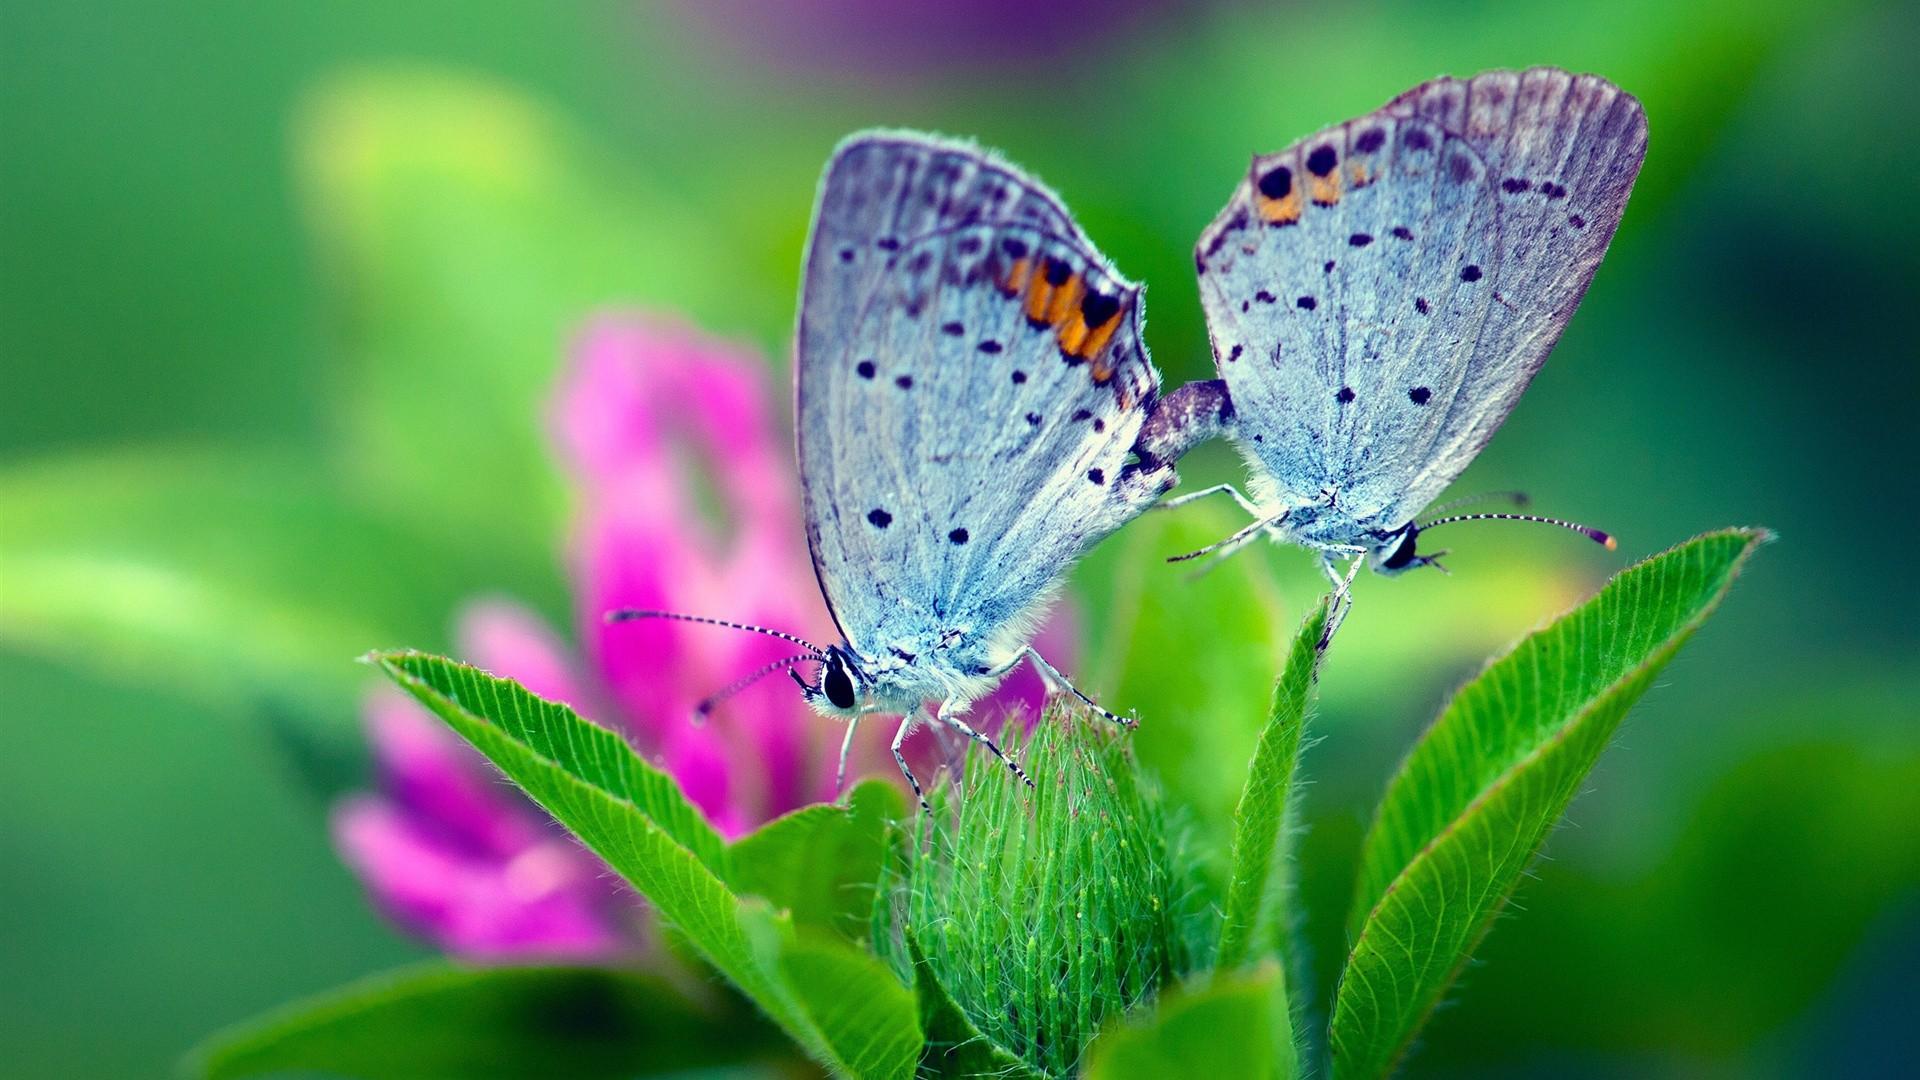 Pair with Butterflies iGBolFX